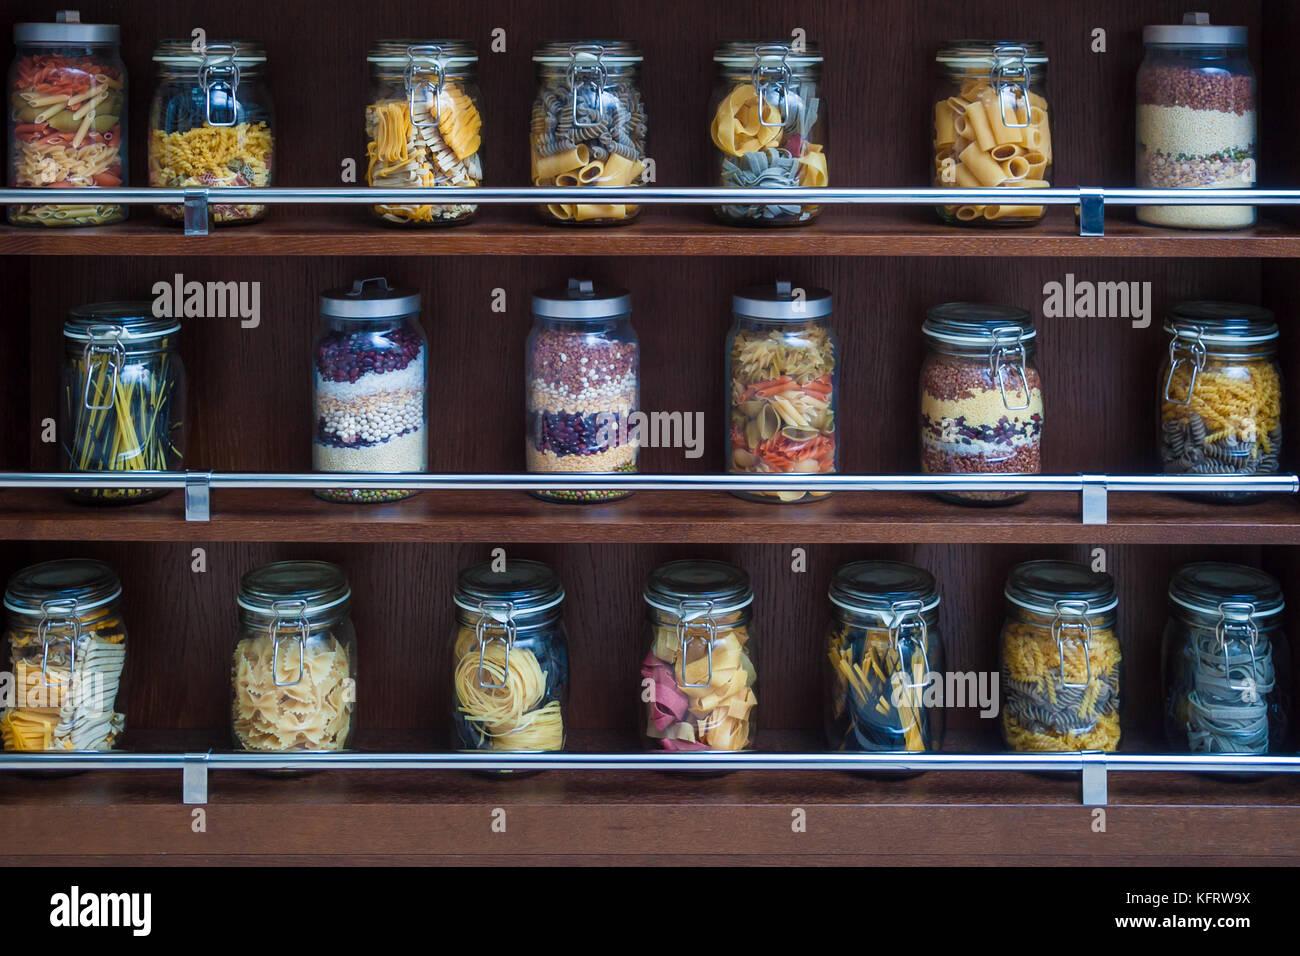 Sur les étagères en bois sont en pots de verre avec différents